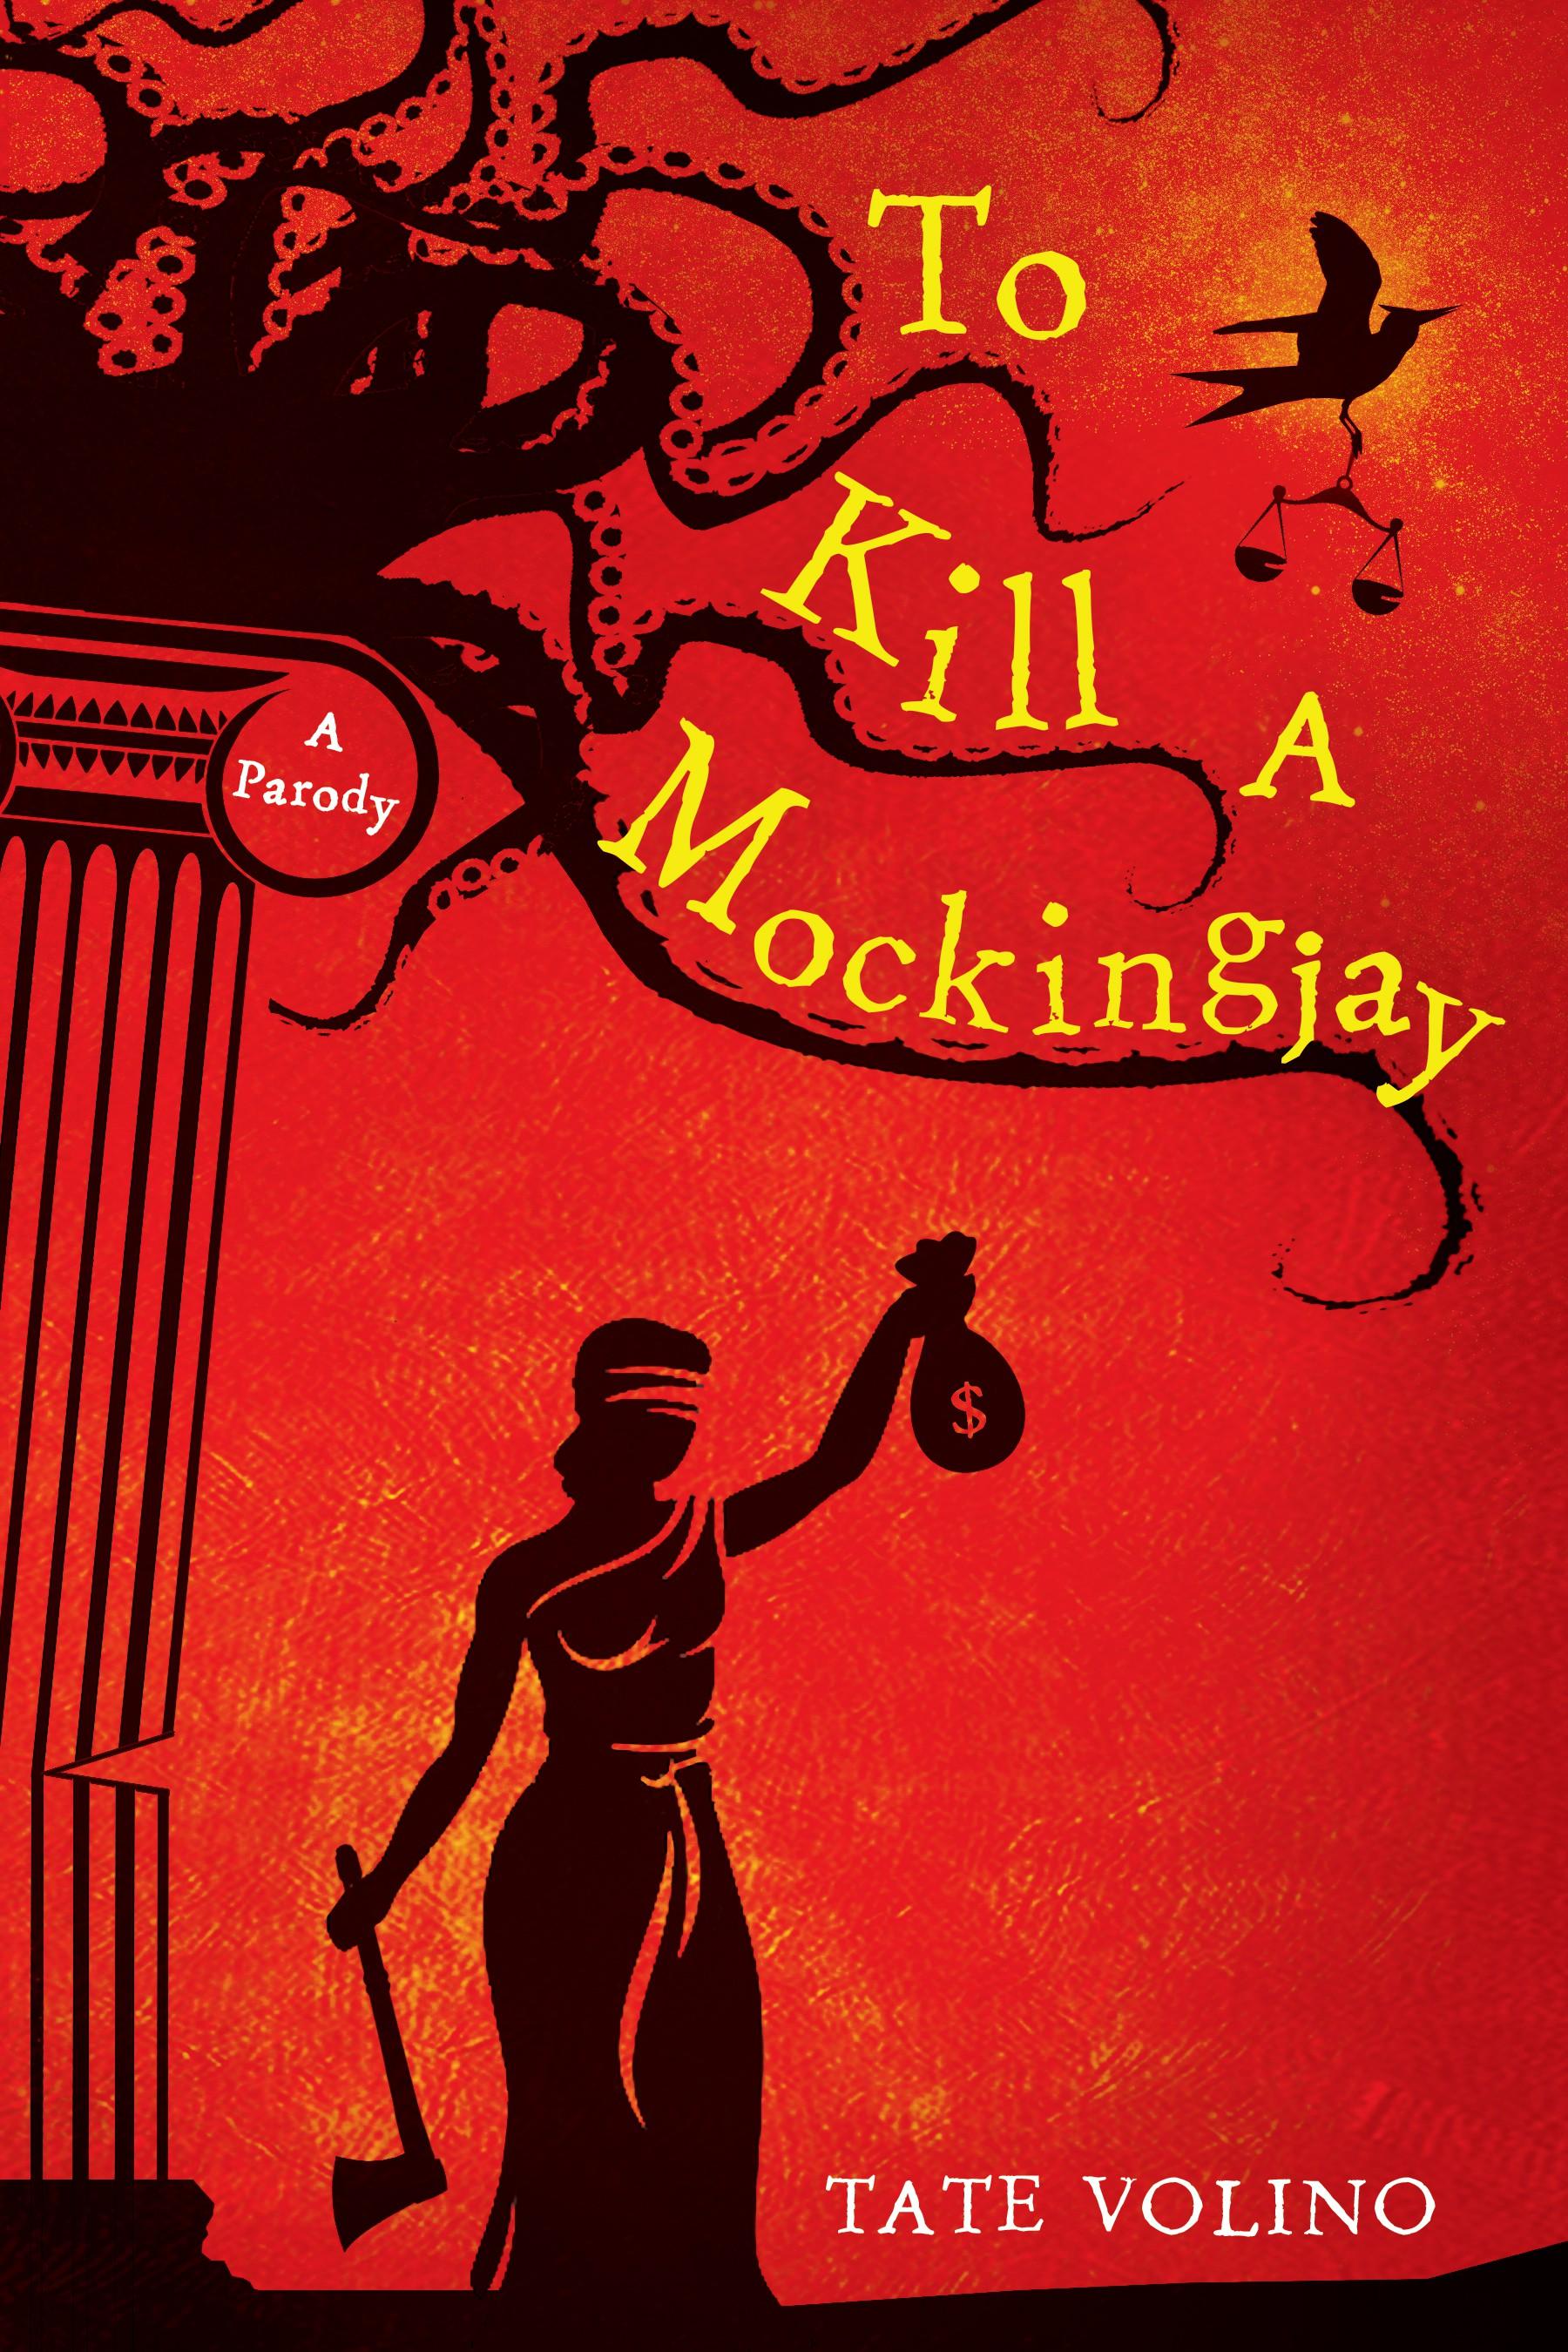 Book cover for my parody: To Kill A Mockingjay